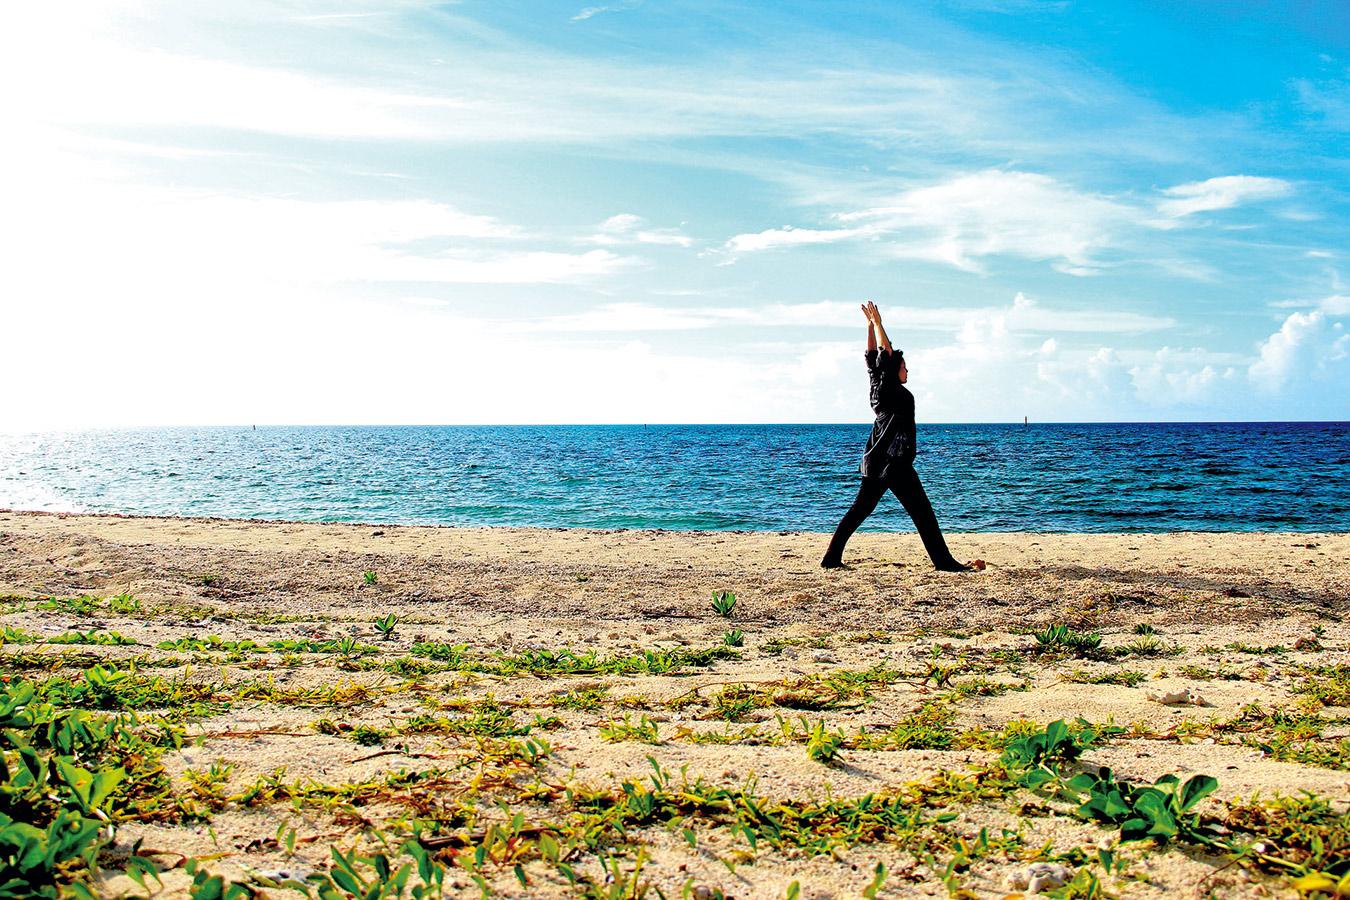 居住在度假村裡,令人興奮願意早起的活動是到 海邊沙灘上與天地自然合一的瑜伽課程。